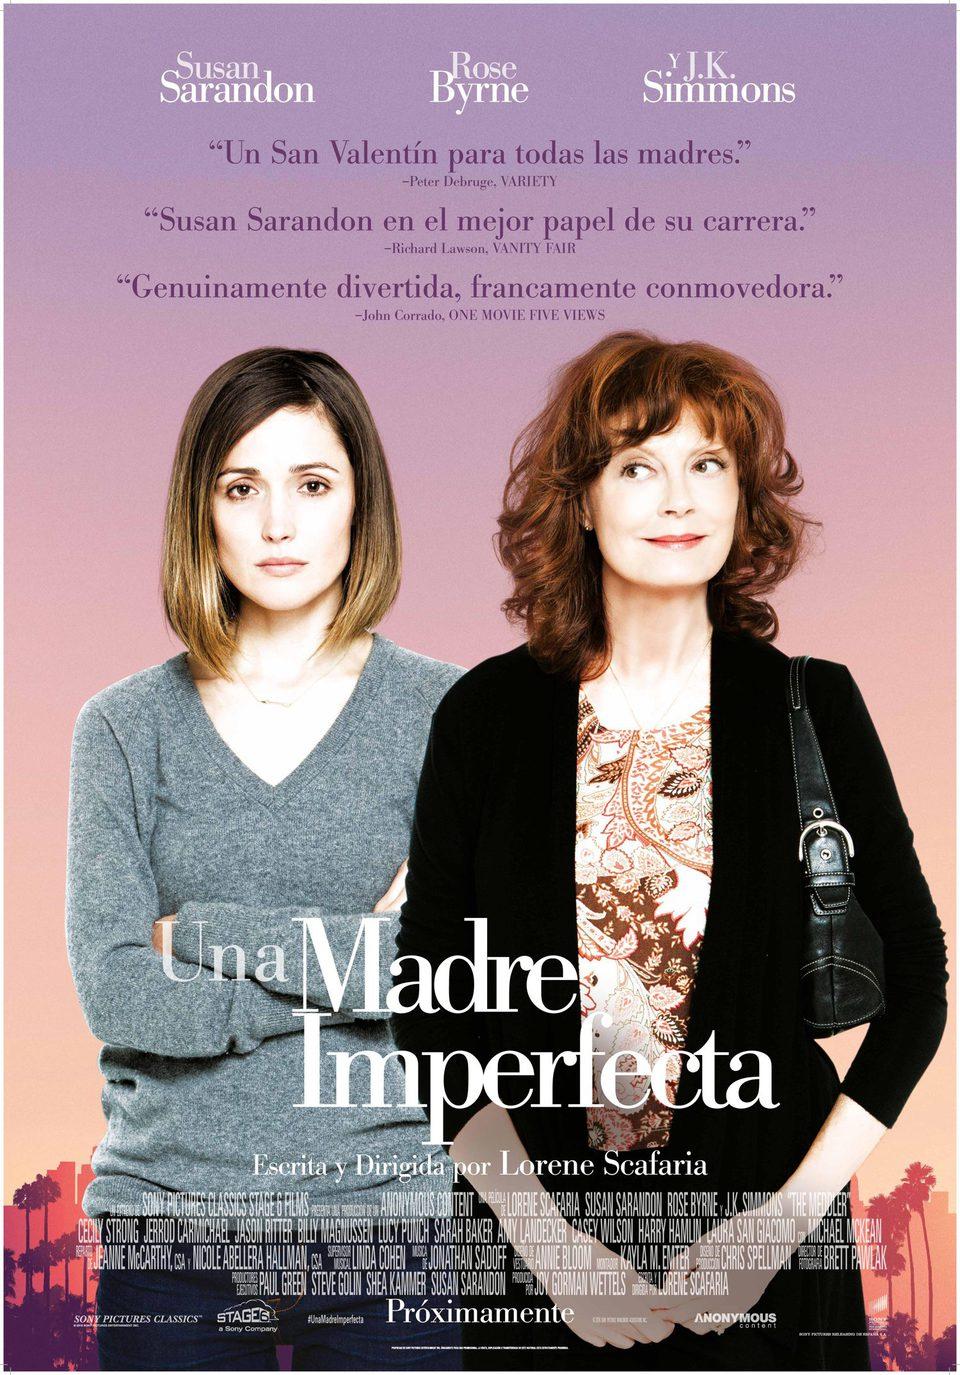 España poster for The Meddler